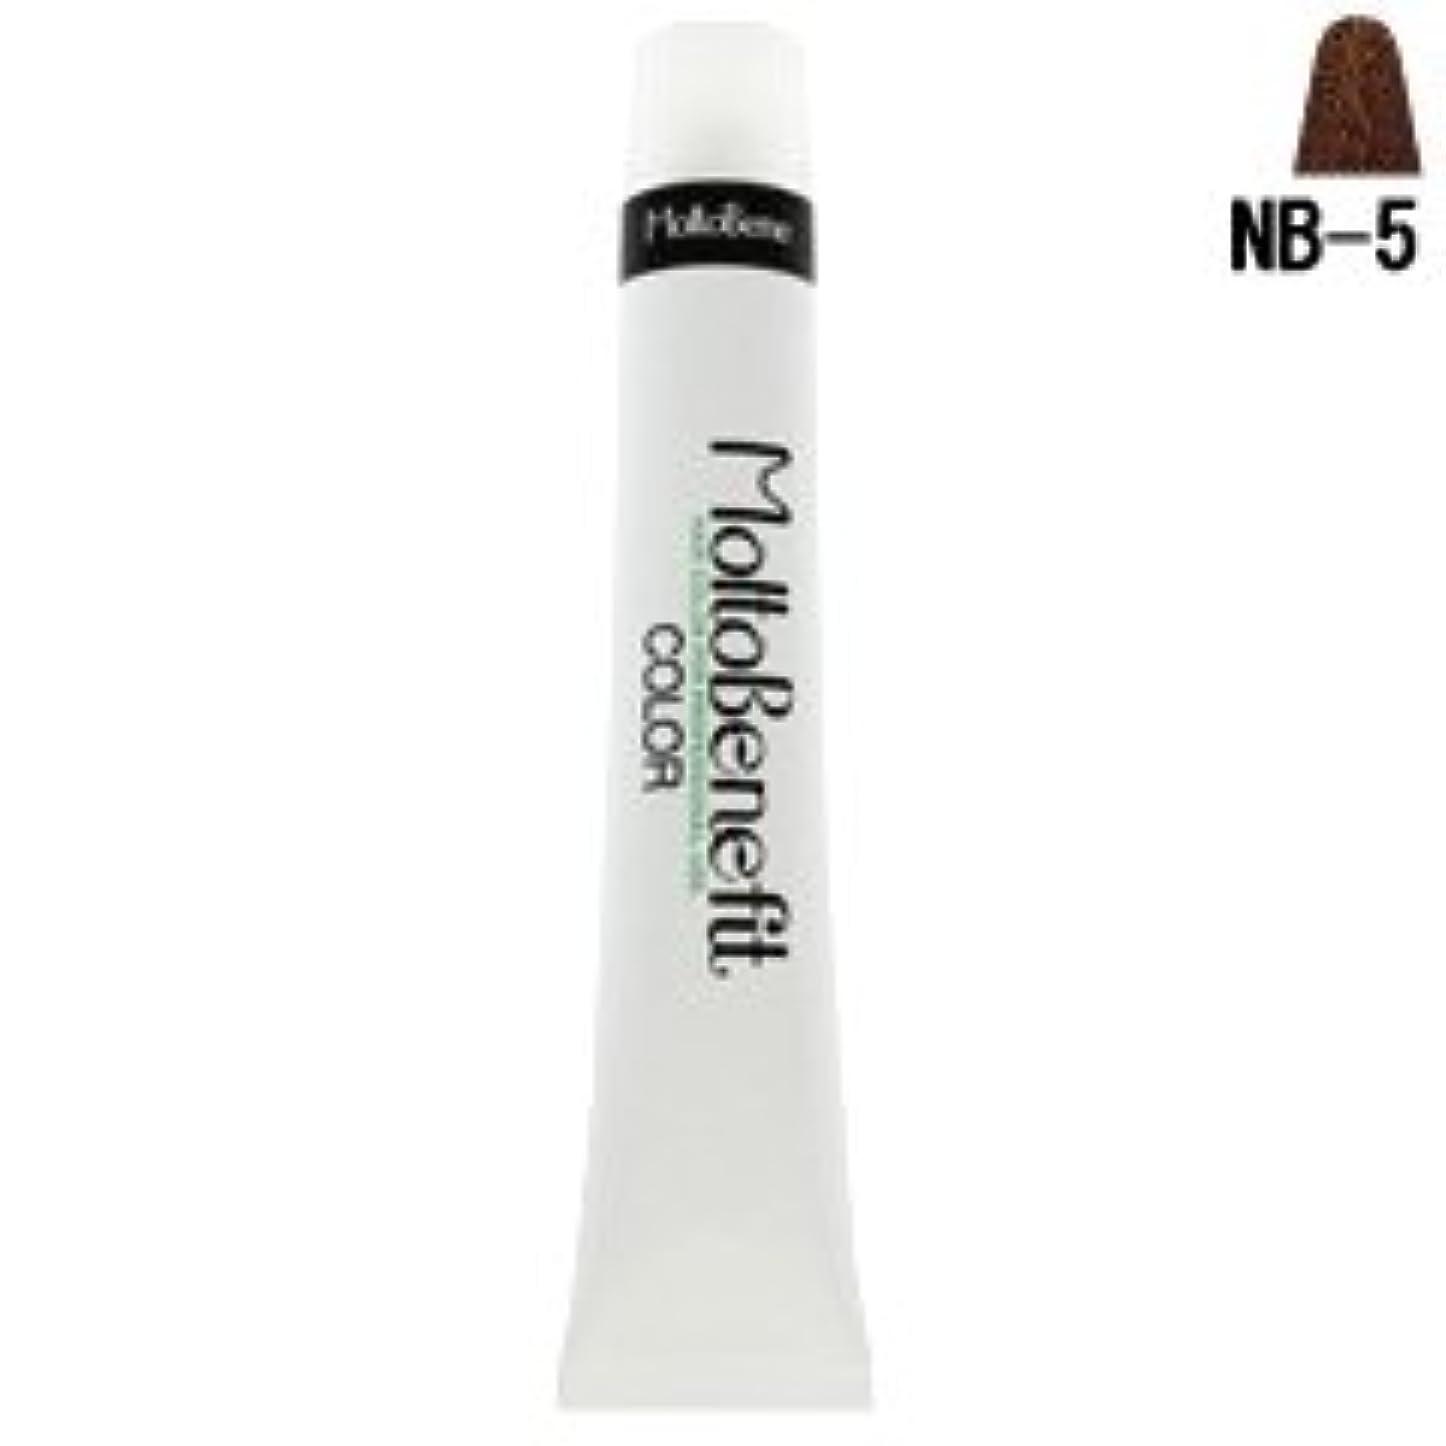 しかしながら見捨てる保安【モルトベーネ】フィットカラー グレイナチュラルカラー NB-5 ナチュラルブラウン 60g